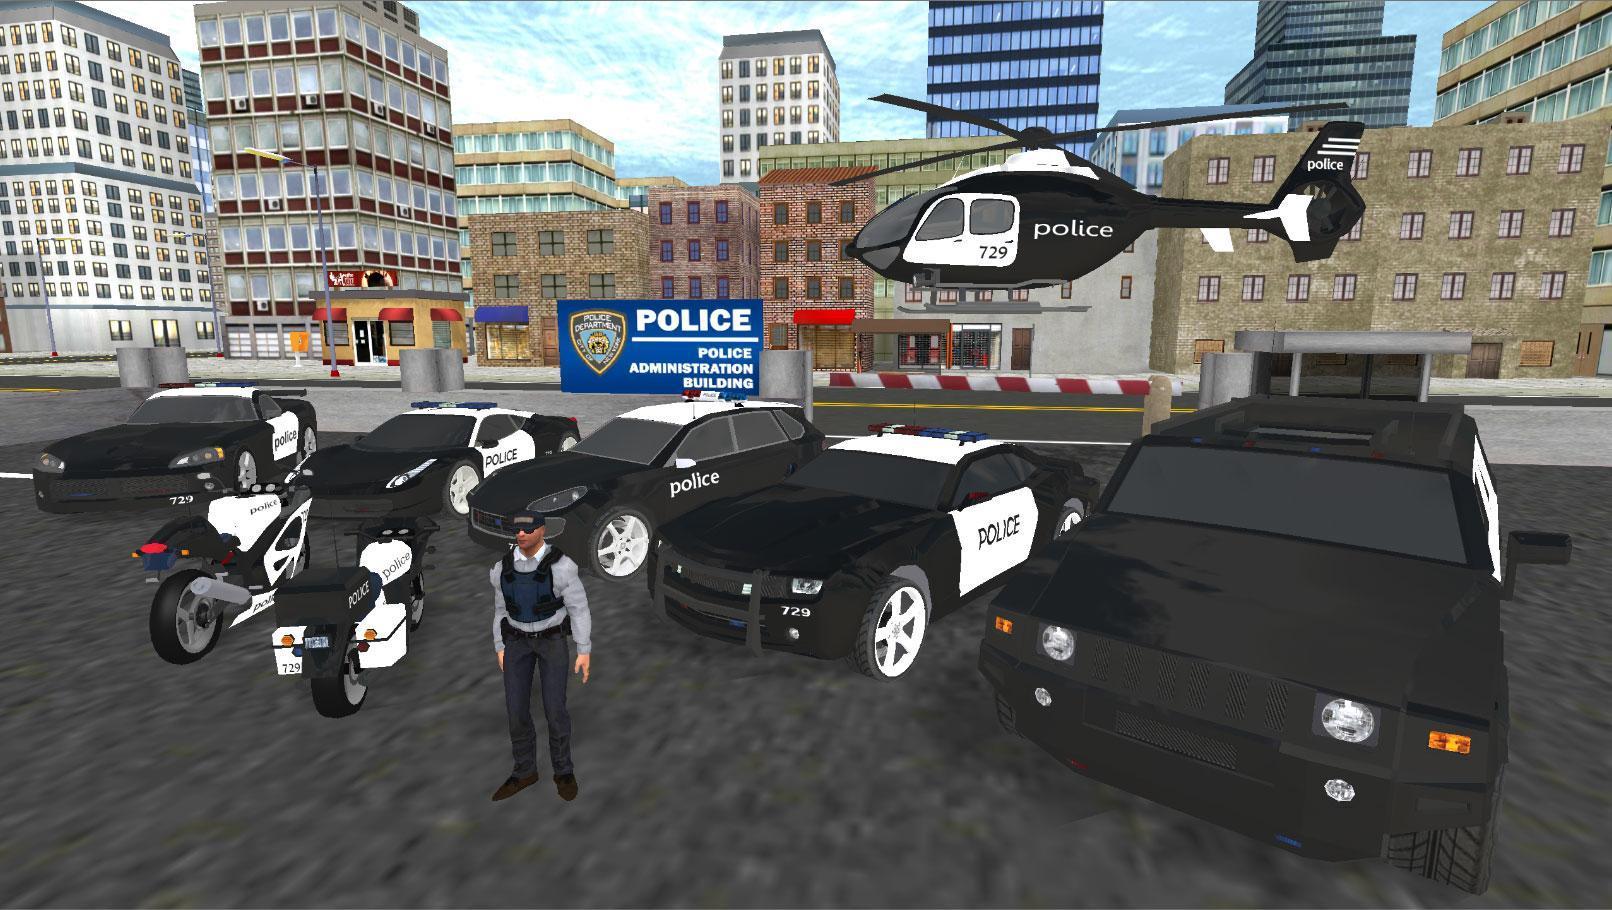 Police Et Voiture Simulateur De Jeu 3D Pour Android tout Jeux De Voiture Avec La Police